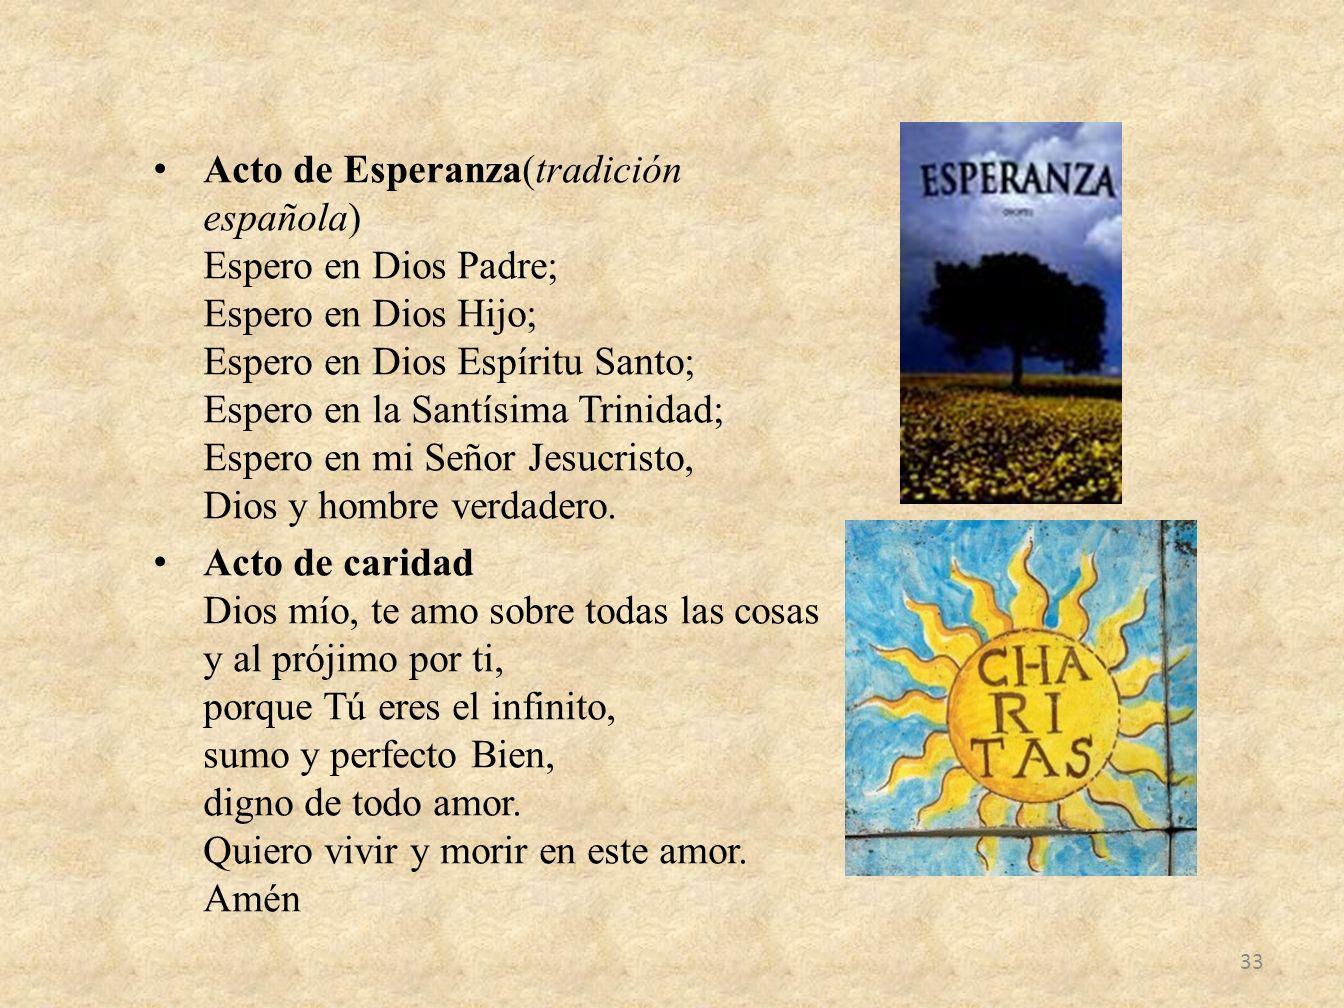 Acto de Esperanza(tradición española) Espero en Dios Padre; Espero en Dios Hijo; Espero en Dios Espíritu Santo; Espero en la Santísima Trinidad; Espero en mi Señor Jesucristo, Dios y hombre verdadero.